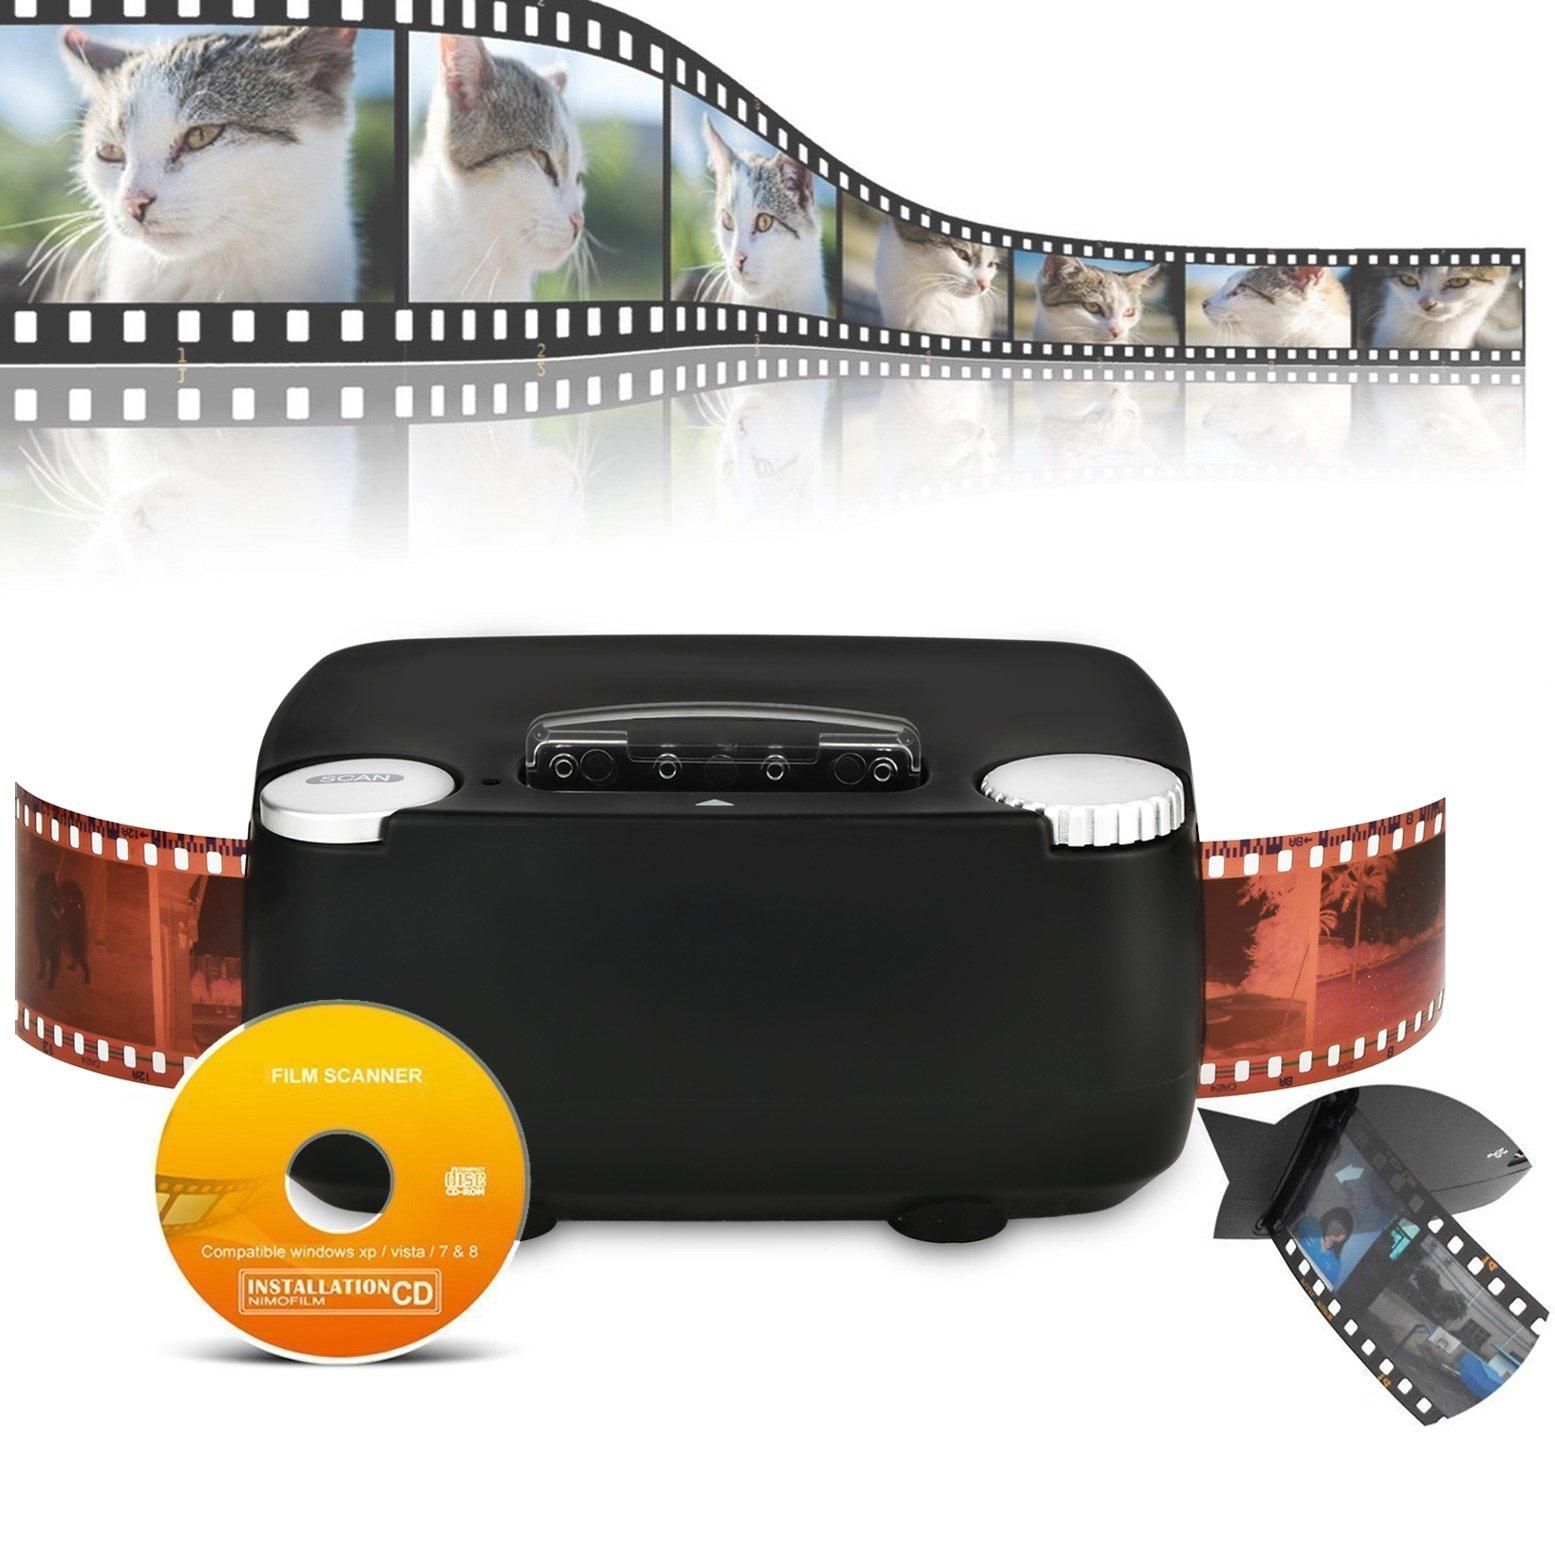 Slide & Film Scanner for 135 / 35mm Negative & Slide Digitizing, Compatible with Windows XP/Vista/ 7/8/10 by Rybozen (Image #1)